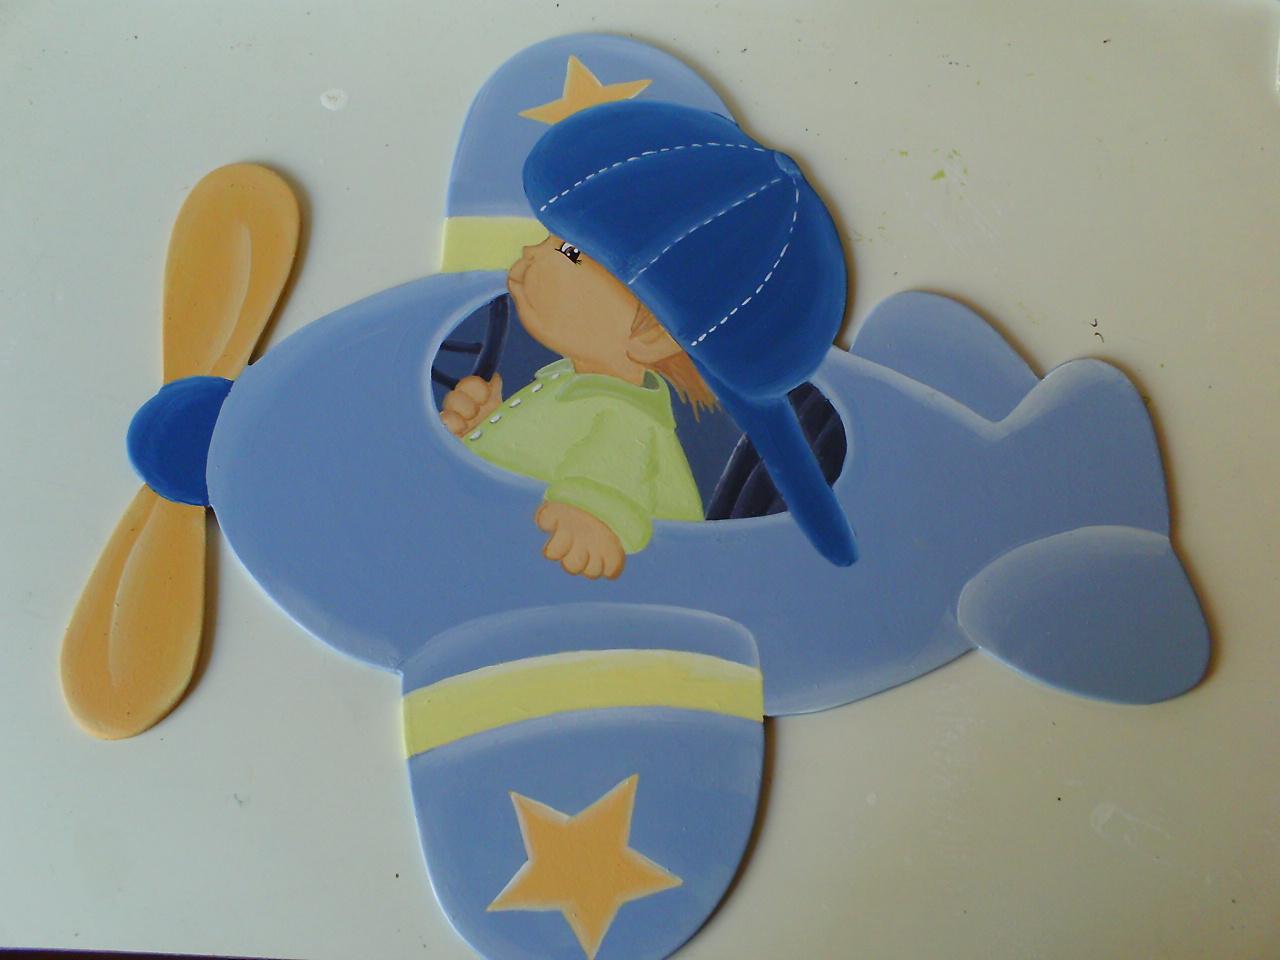 elianeartdecor Quarto de bebê menino no avião